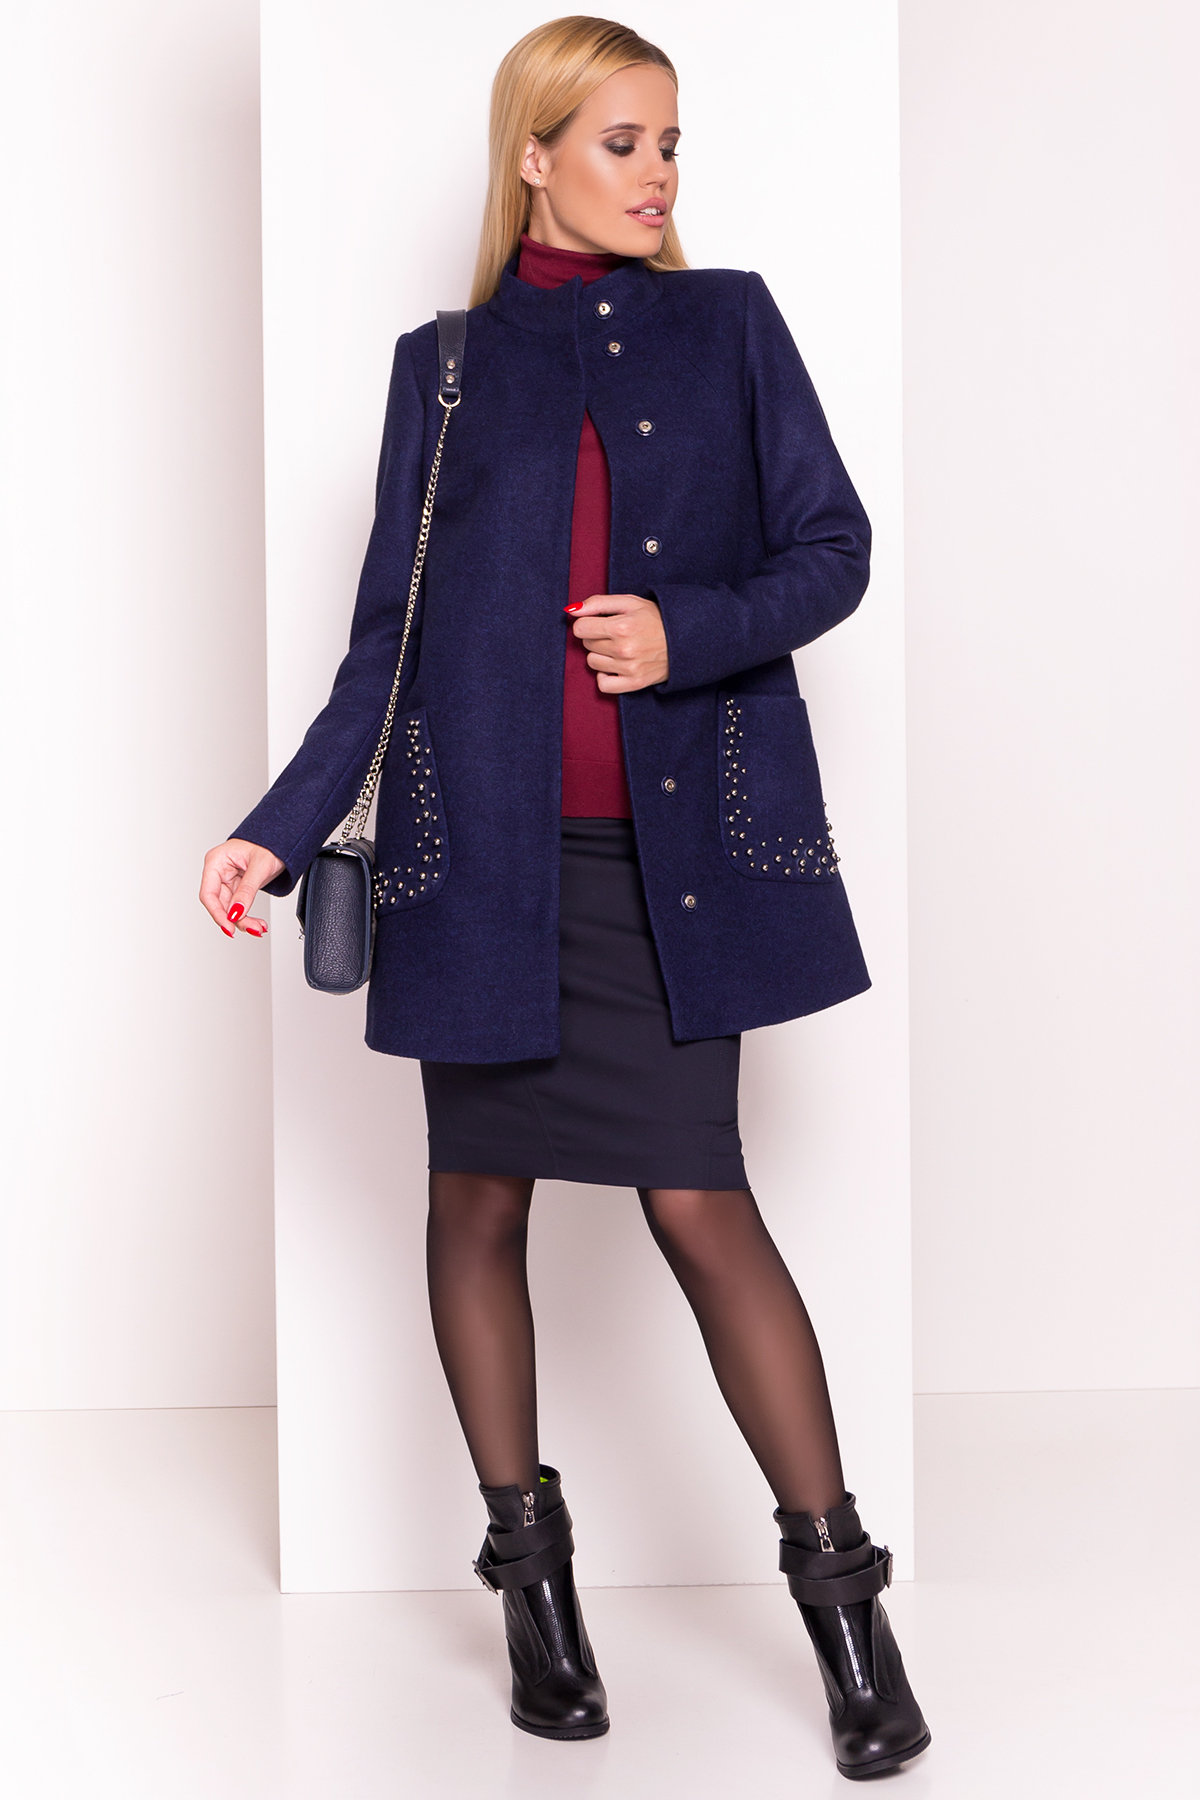 Пальто Даймон 5377 АРТ. 36745 Цвет: Темно-синий 17 - фото 1, интернет магазин tm-modus.ru